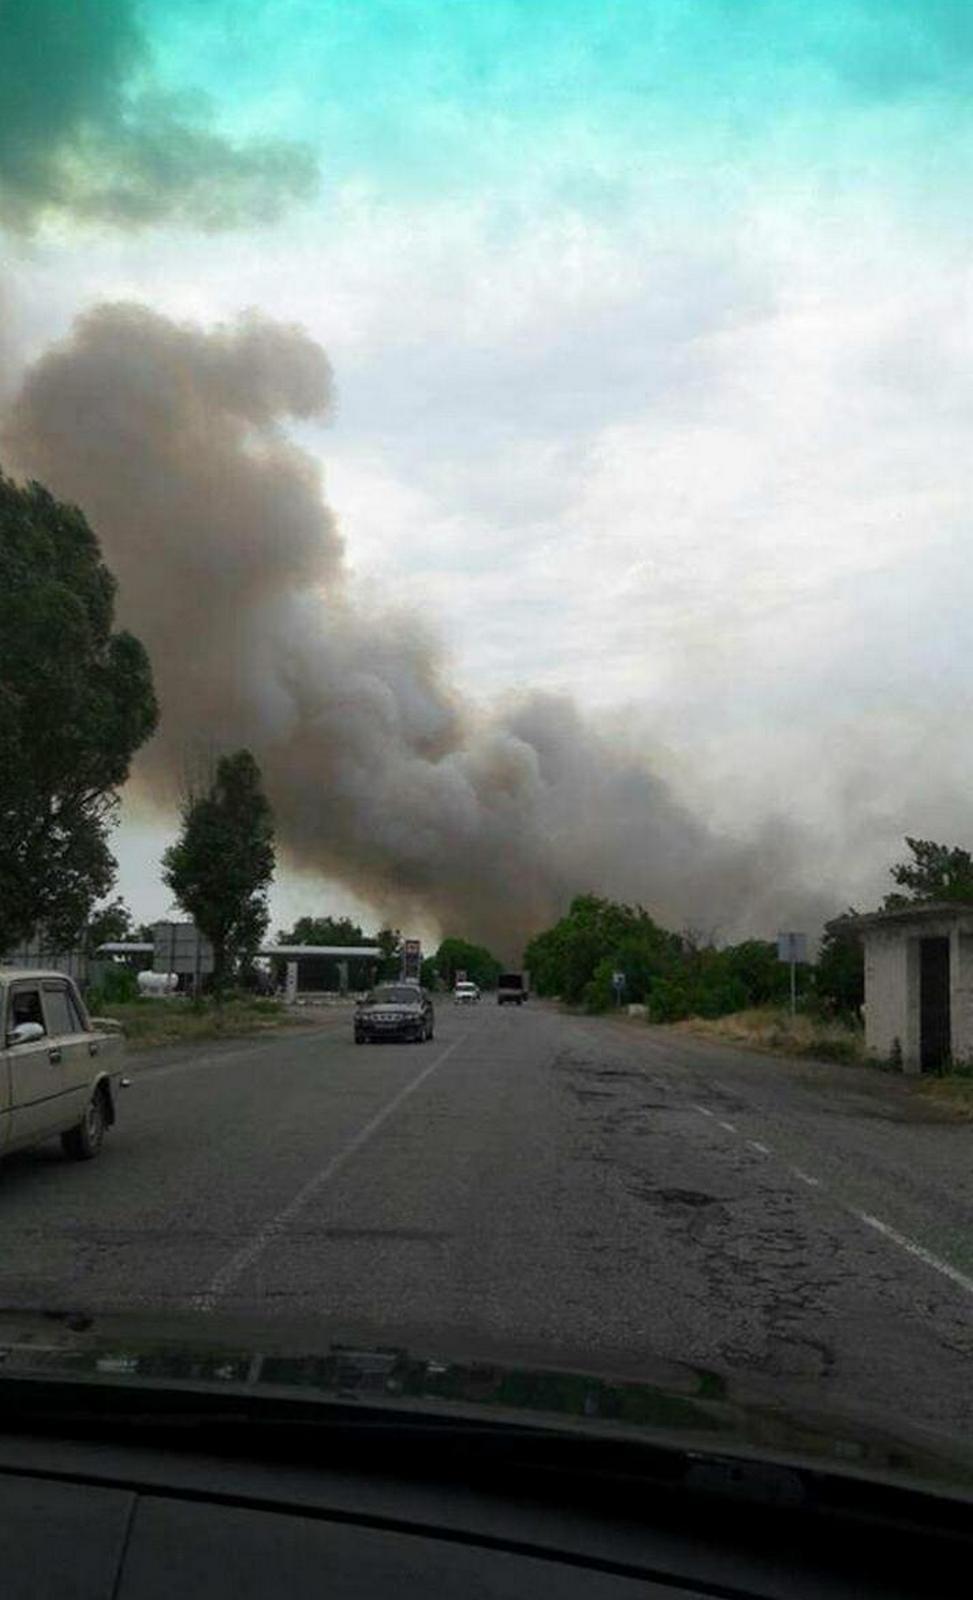 Один из водителей сфотографировал, как горит поле